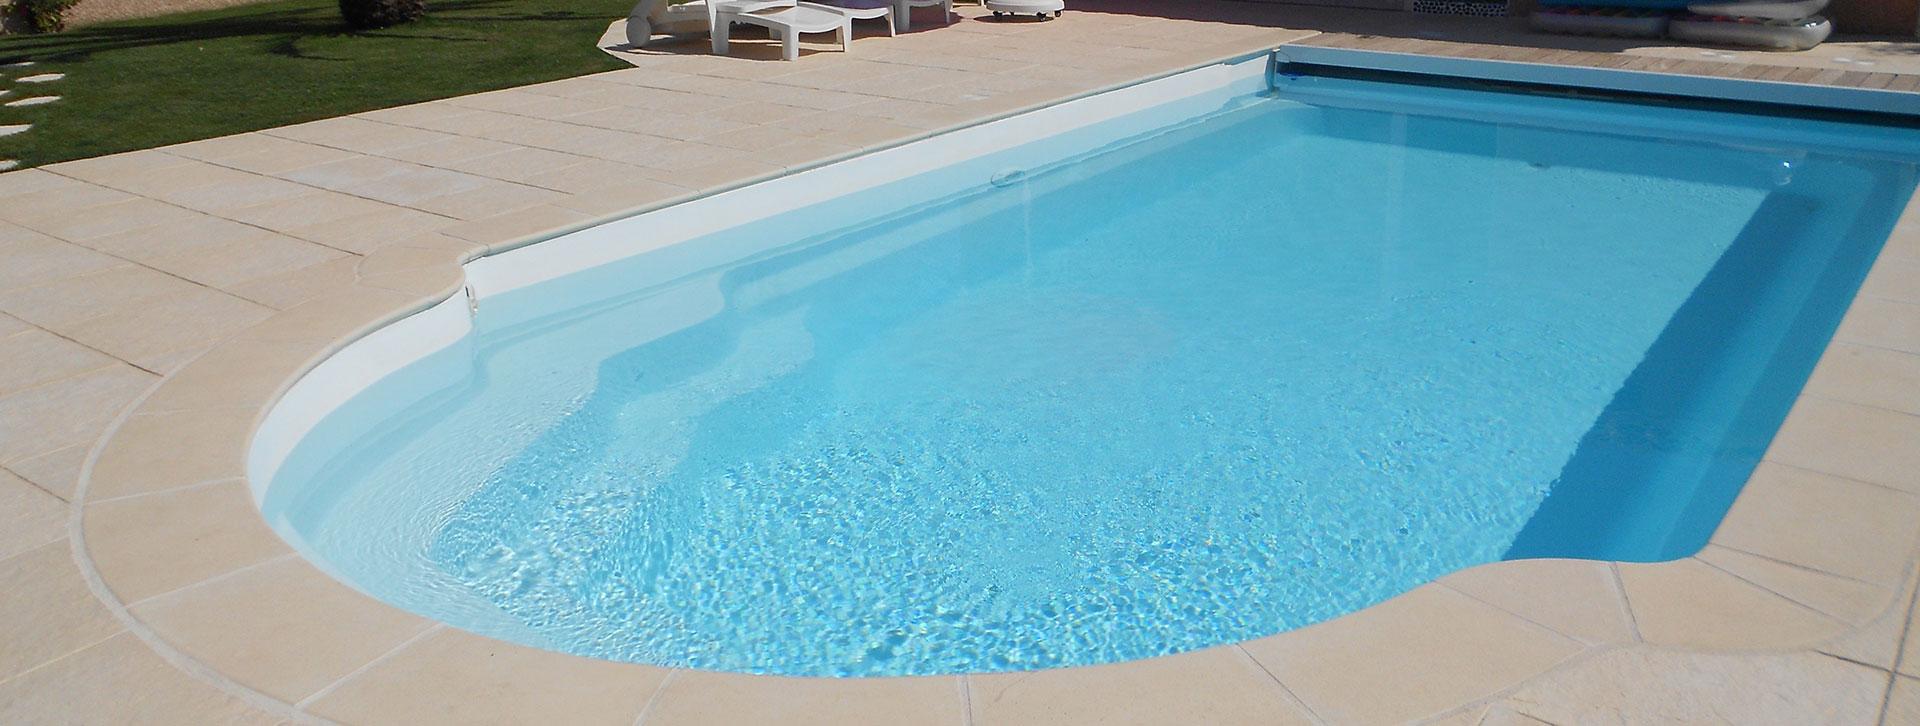 Spas perpignan et piscines perpignan spas de nage perpignan 66 rous les produits pour votre - Bassin piscine inox perpignan ...